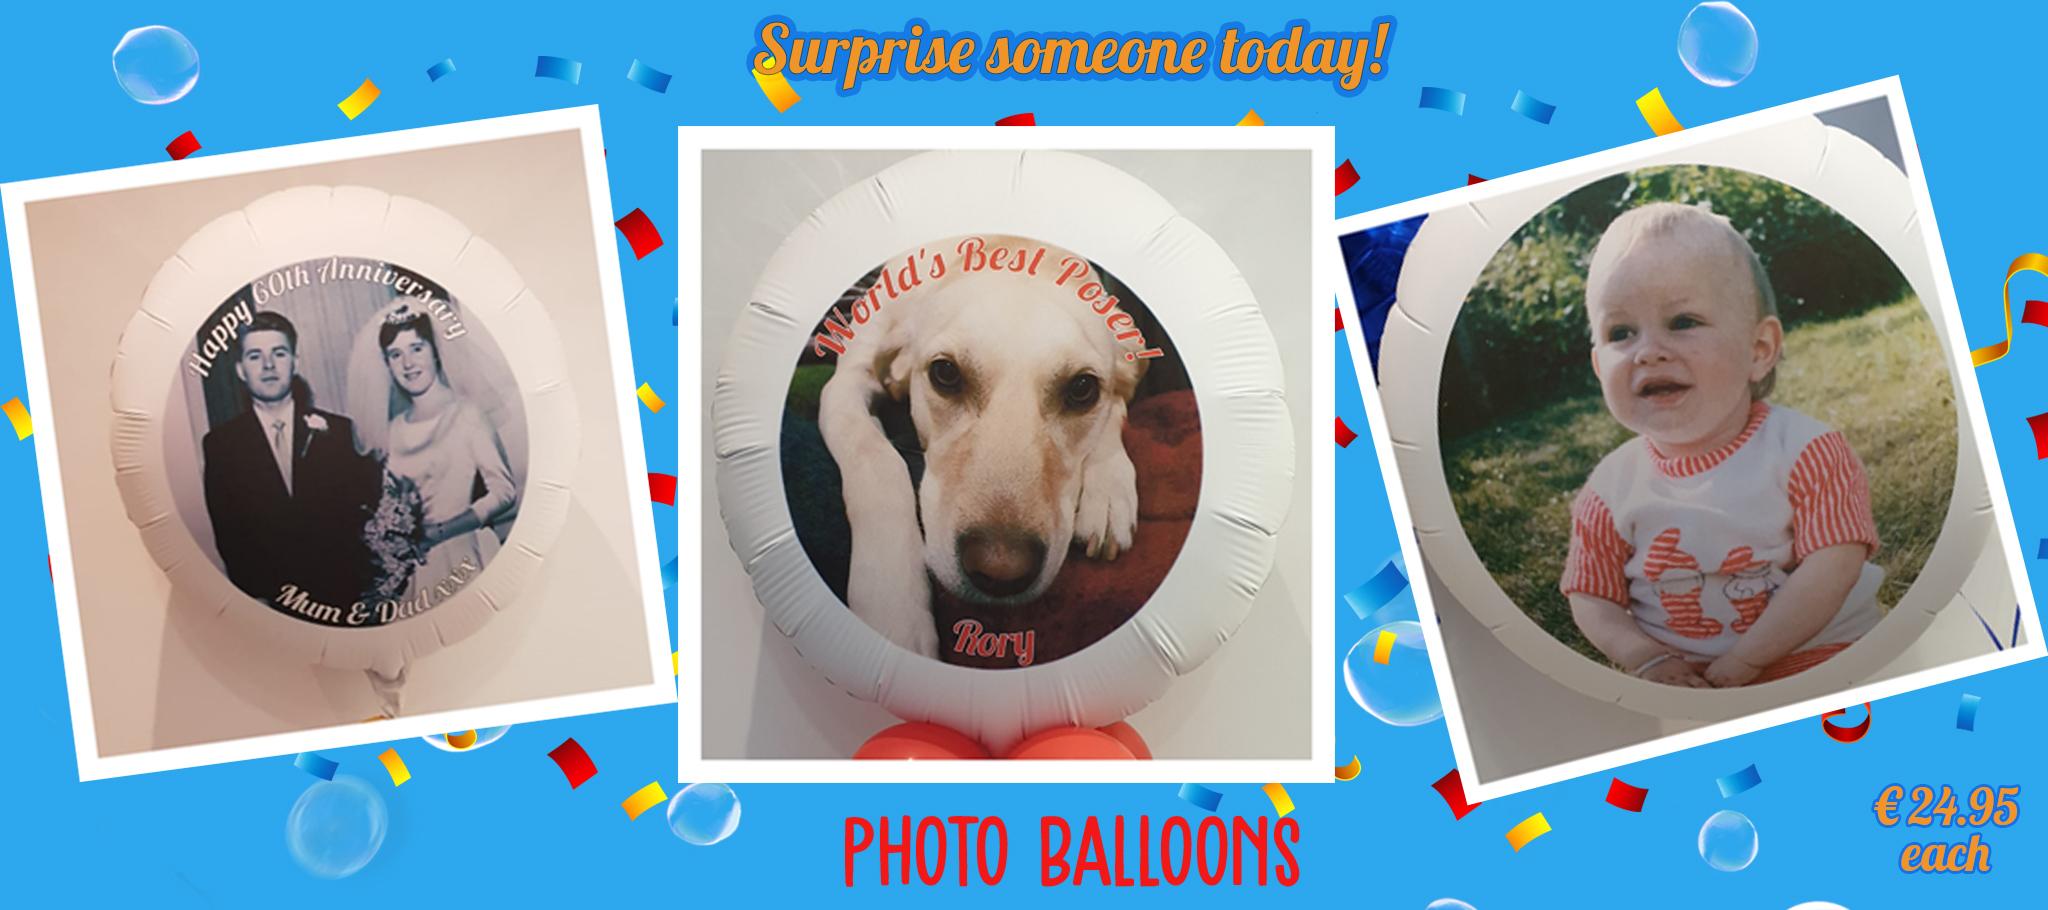 Photo balloon – €24.95